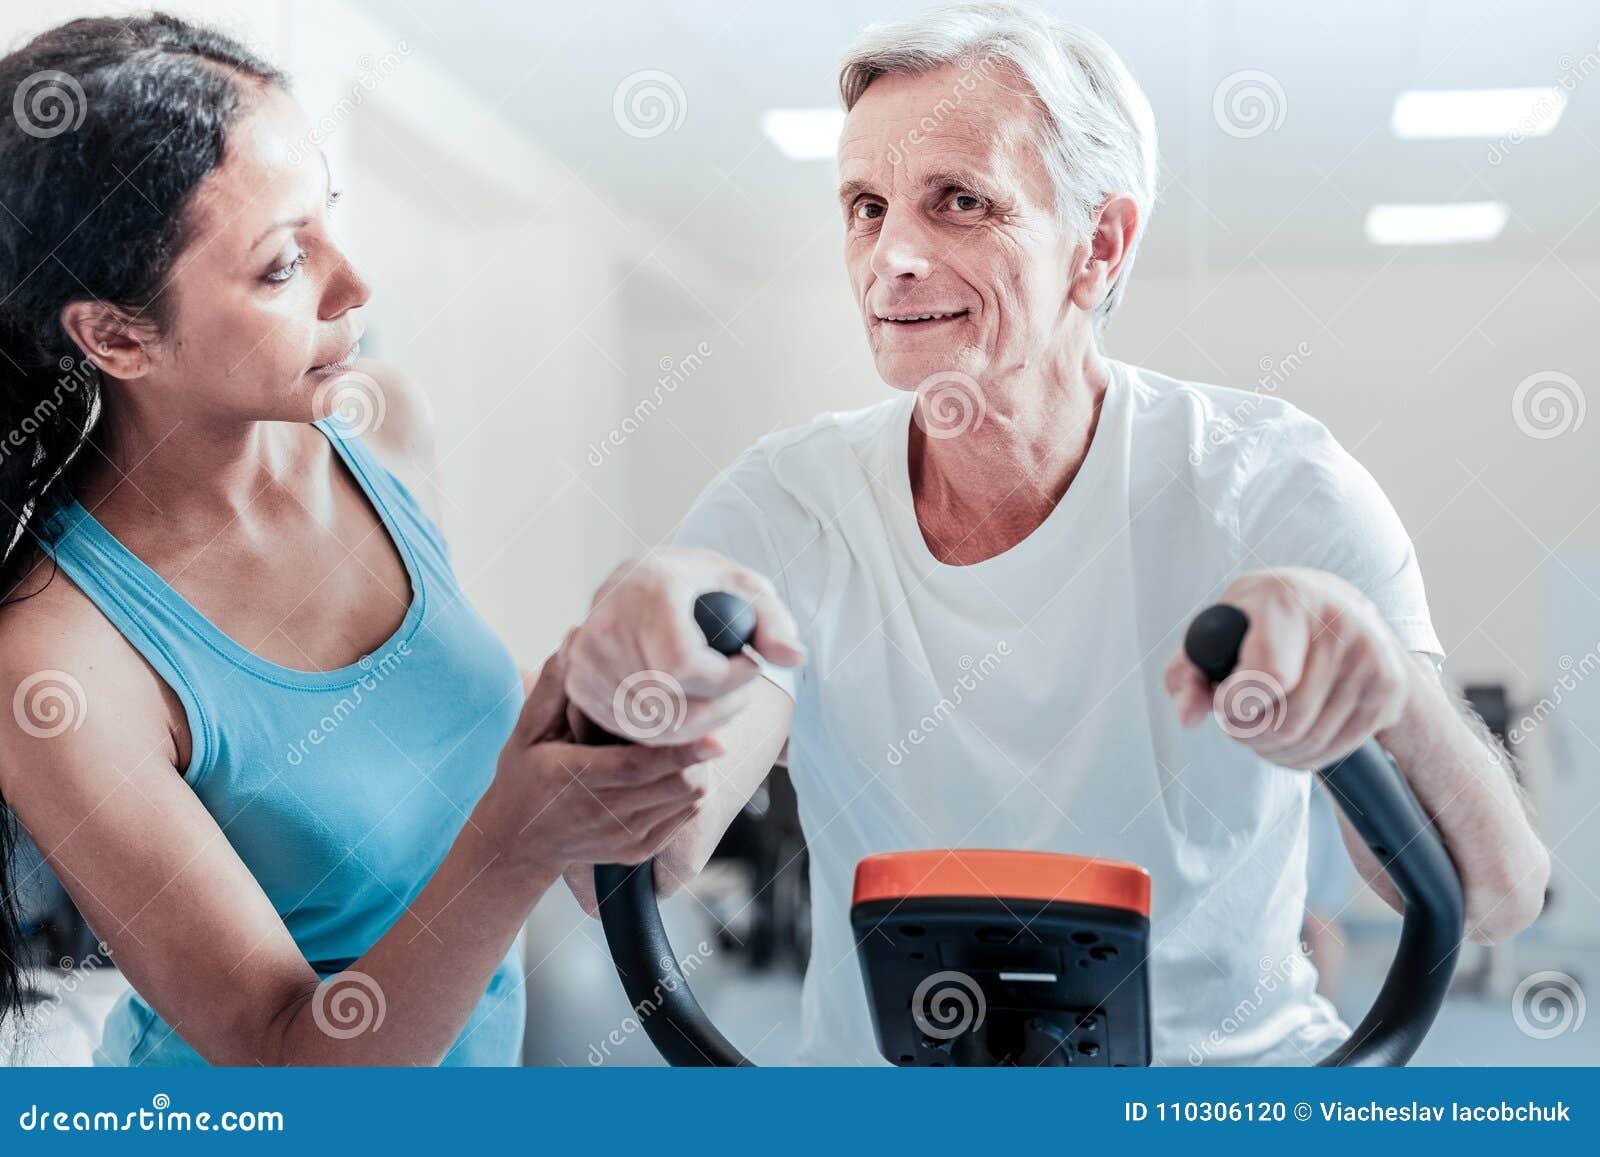 Lächelndes Training des alten Mannes und eine ernste Frau nahe ihm